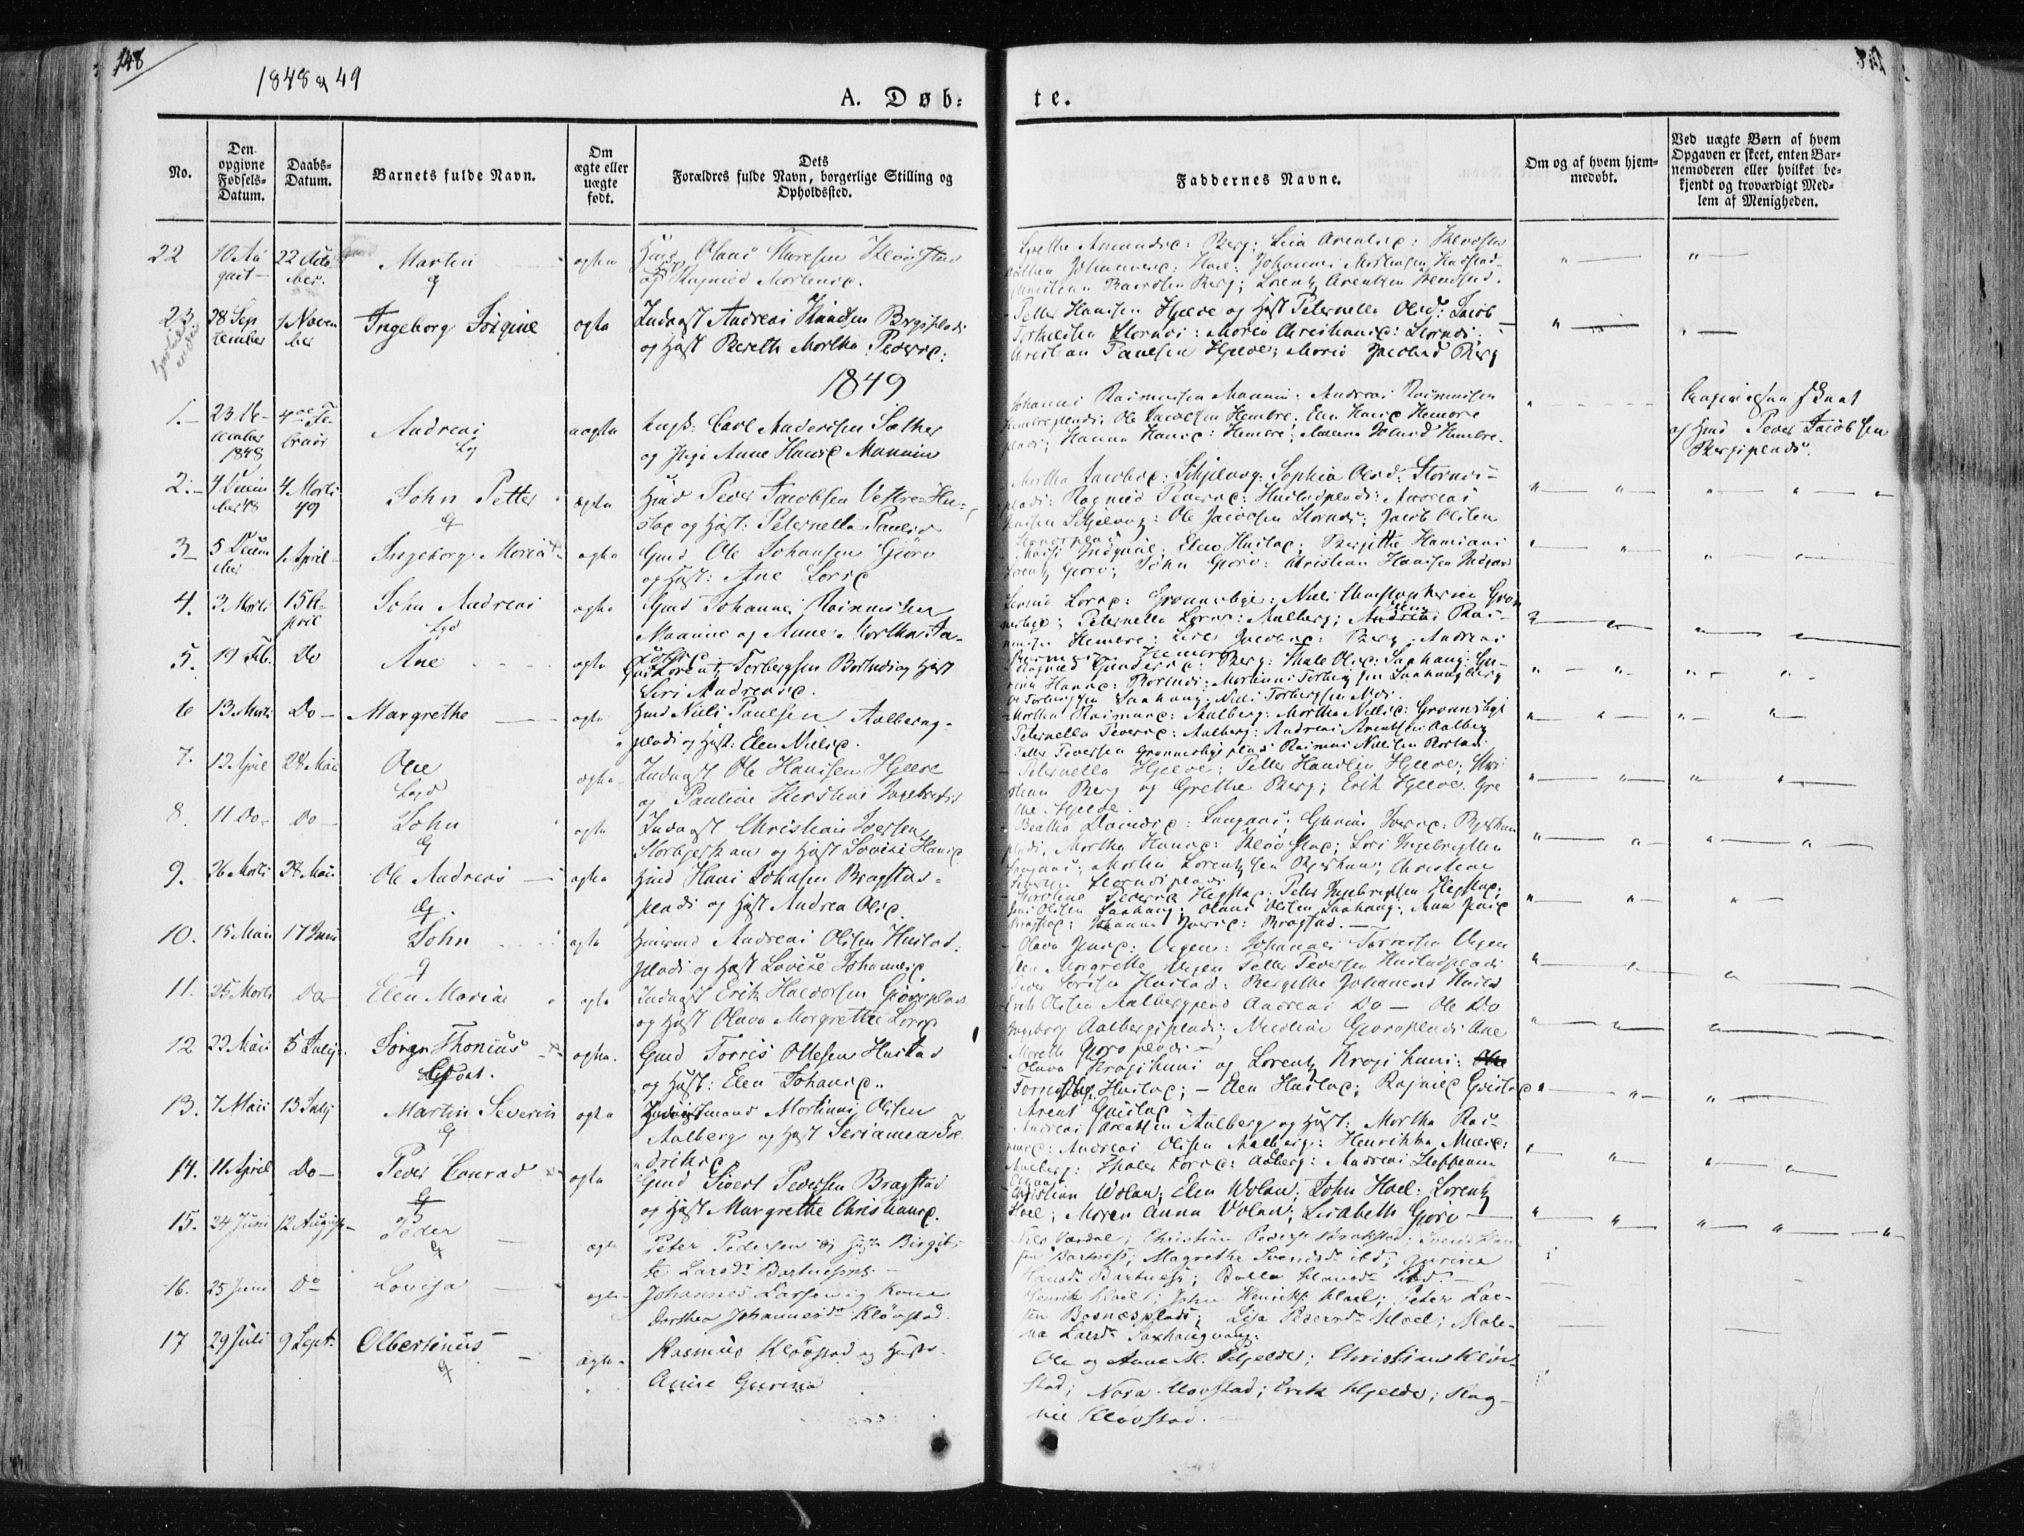 SAT, Ministerialprotokoller, klokkerbøker og fødselsregistre - Nord-Trøndelag, 730/L0280: Ministerialbok nr. 730A07 /3, 1840-1854, s. 148